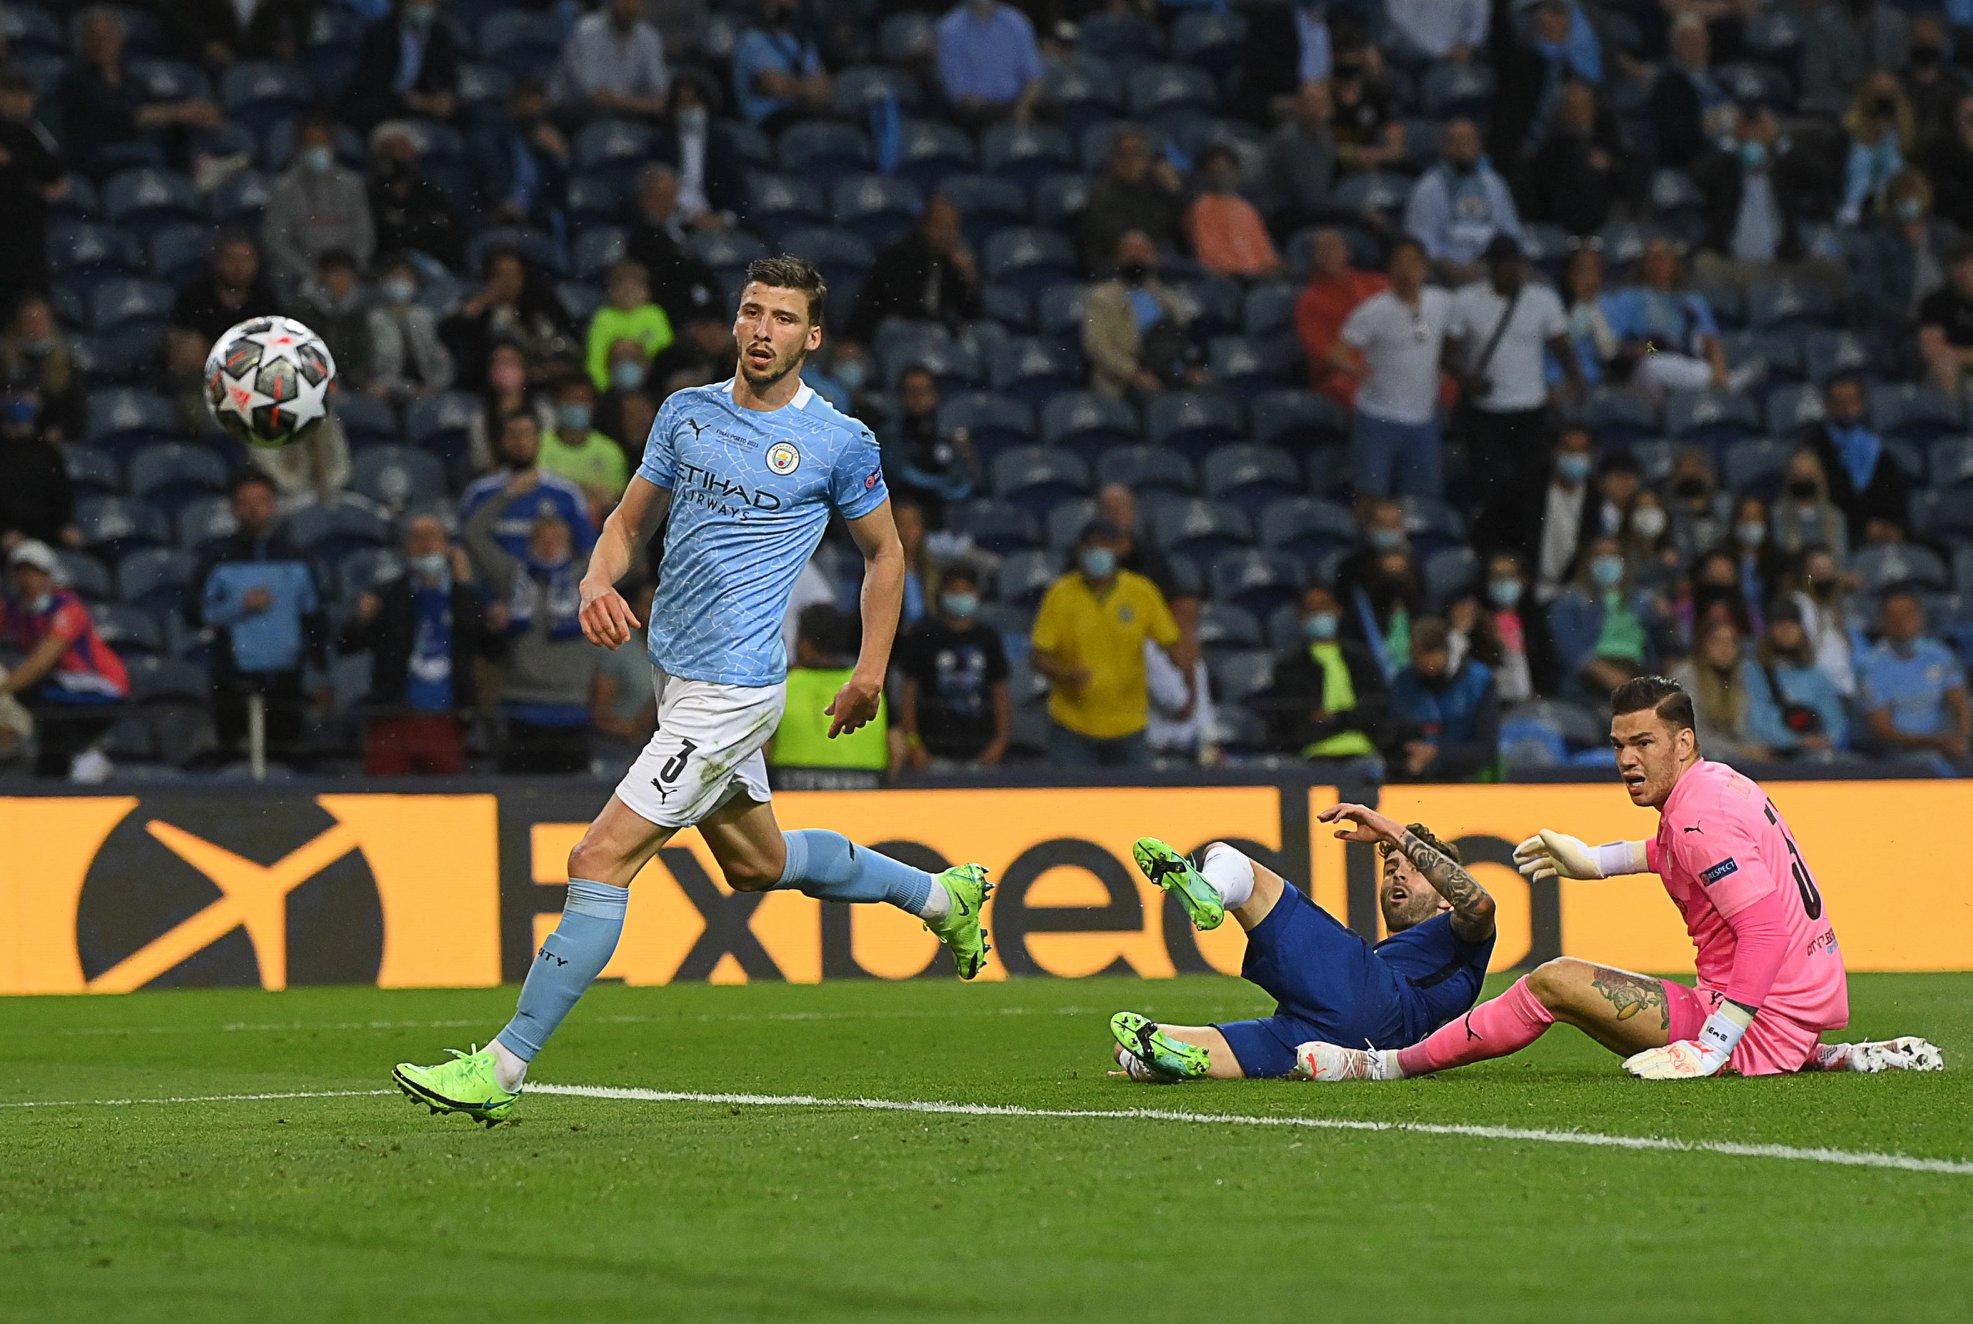 Con 16.500 espectadores se juega la final de la Champions League 6